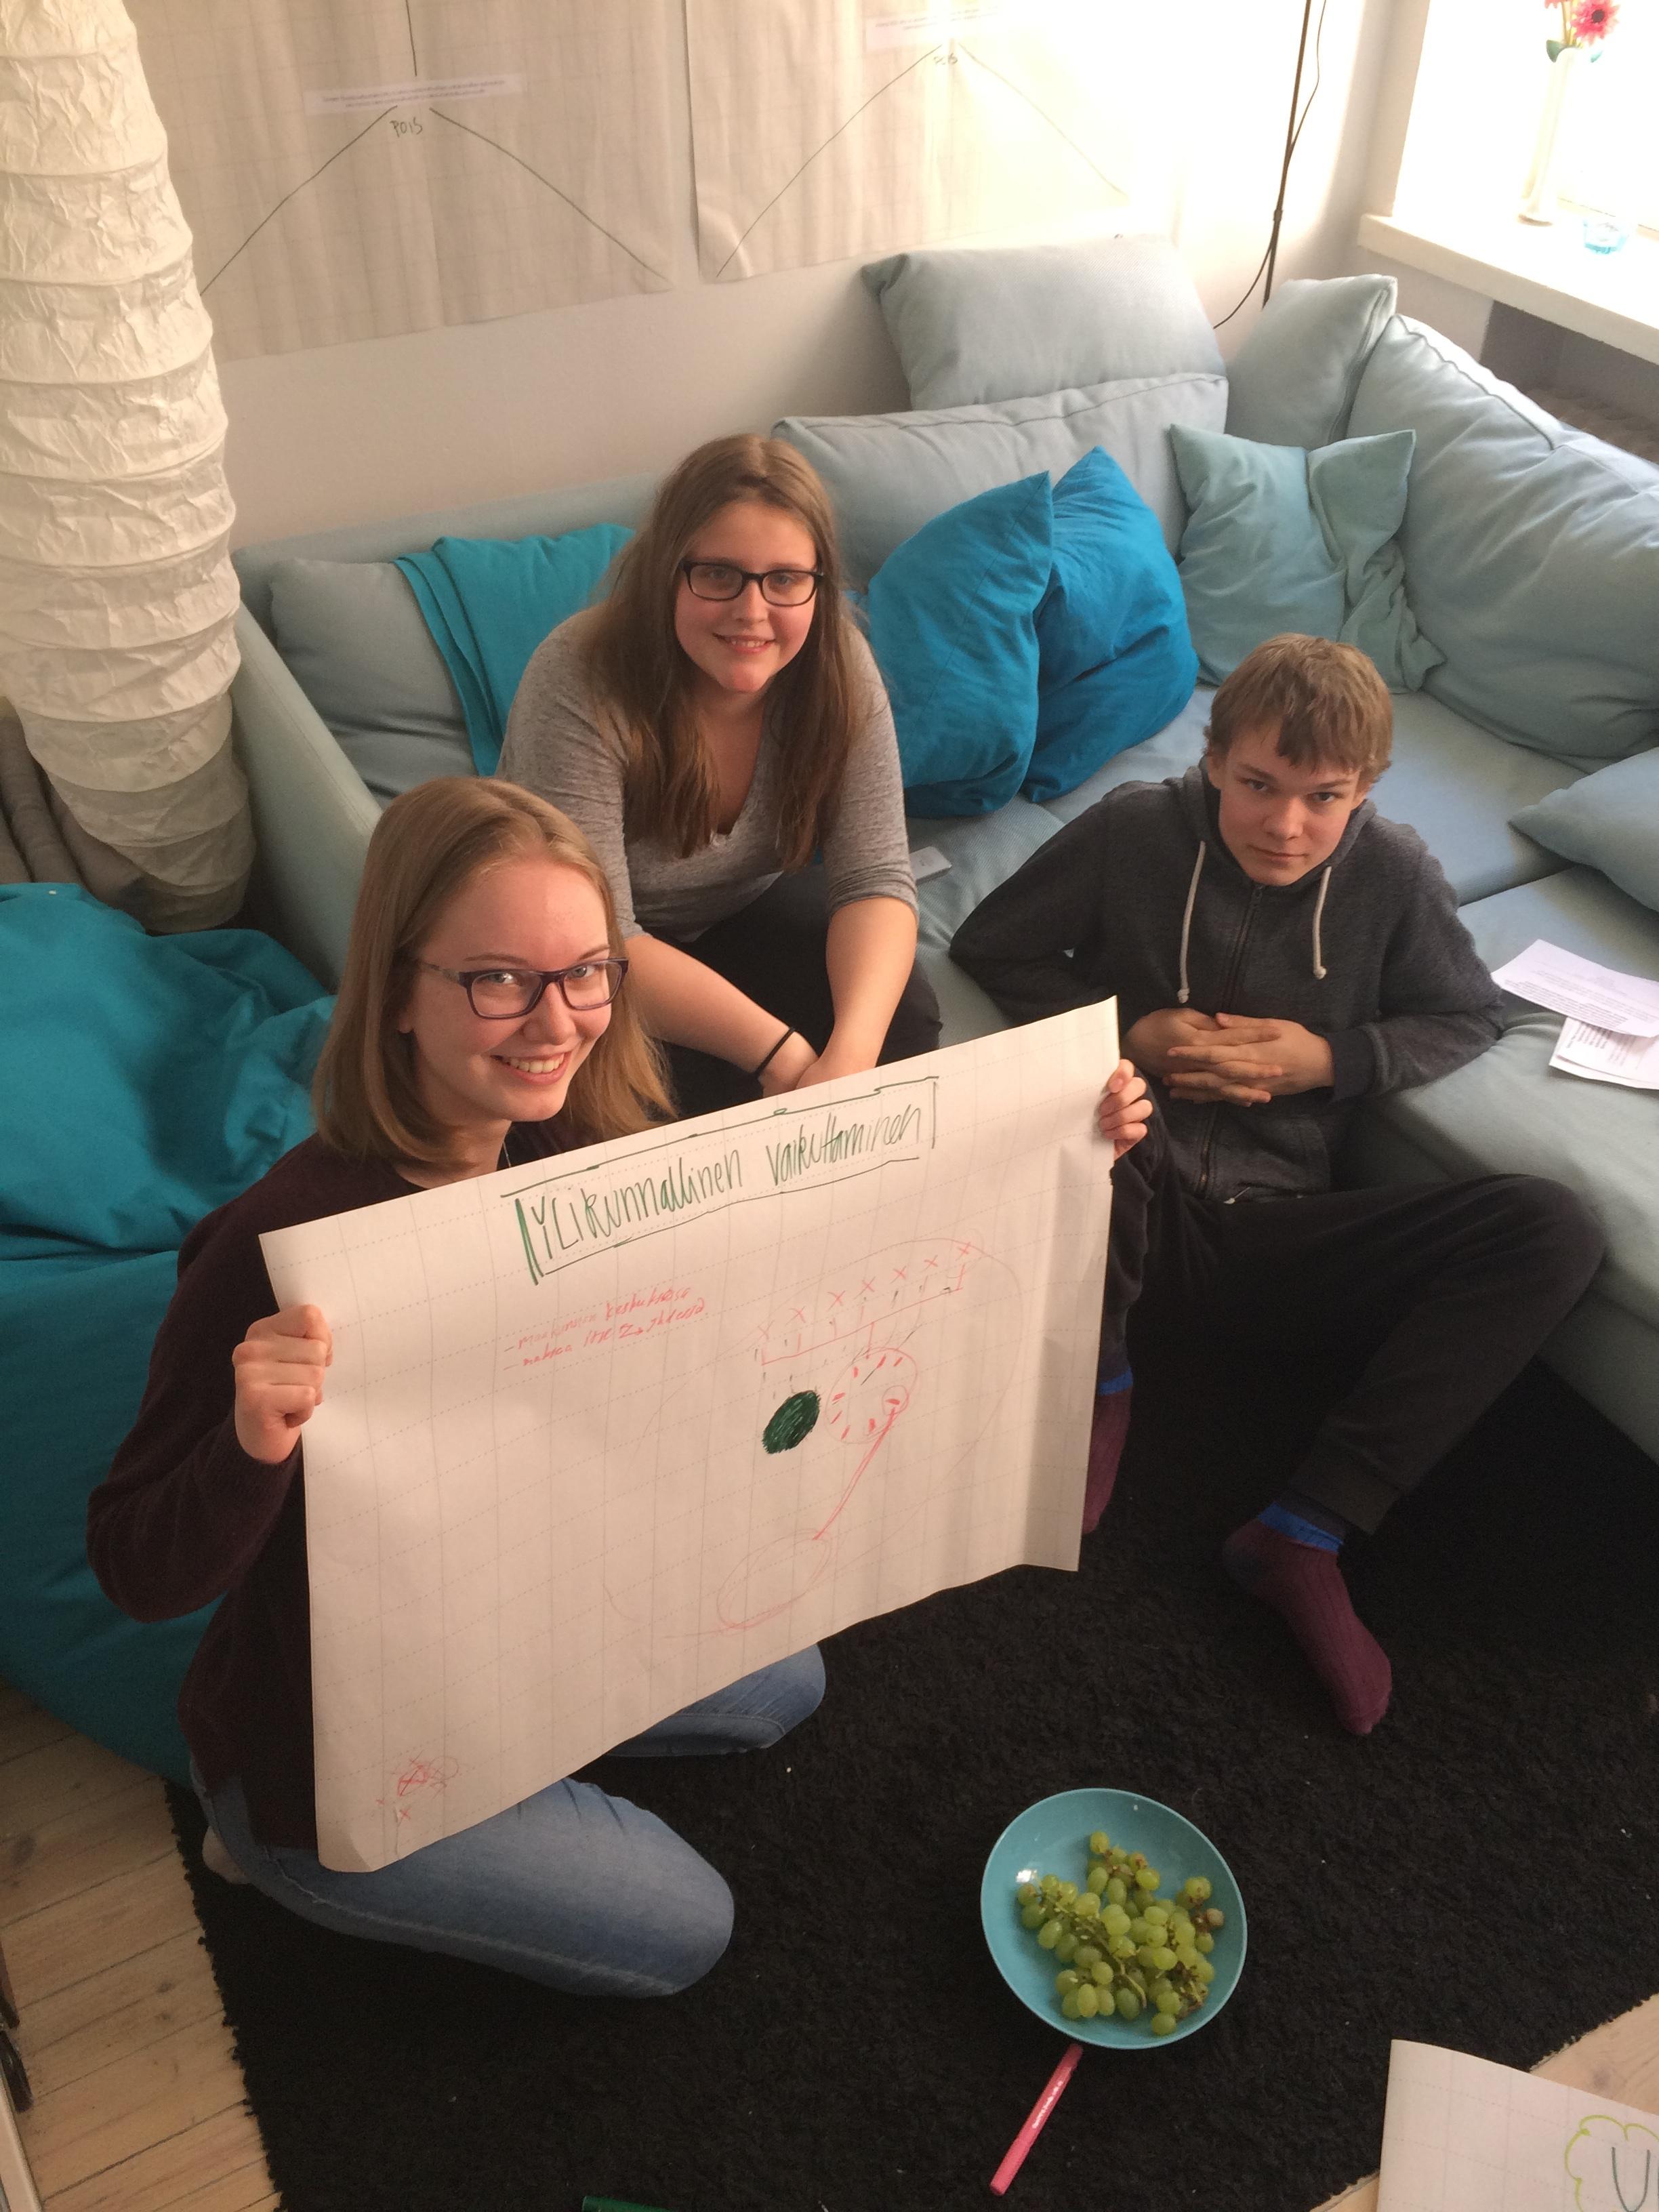 Perusta, vakiinnuta, vahvista -hankkeen ohjausryhmä (Ada, Petra ja Antti)ideoi myös ylikunnallista vaikuttamista omien nuorisovaltuustojen kuulumisten jakamisen lisäksi.